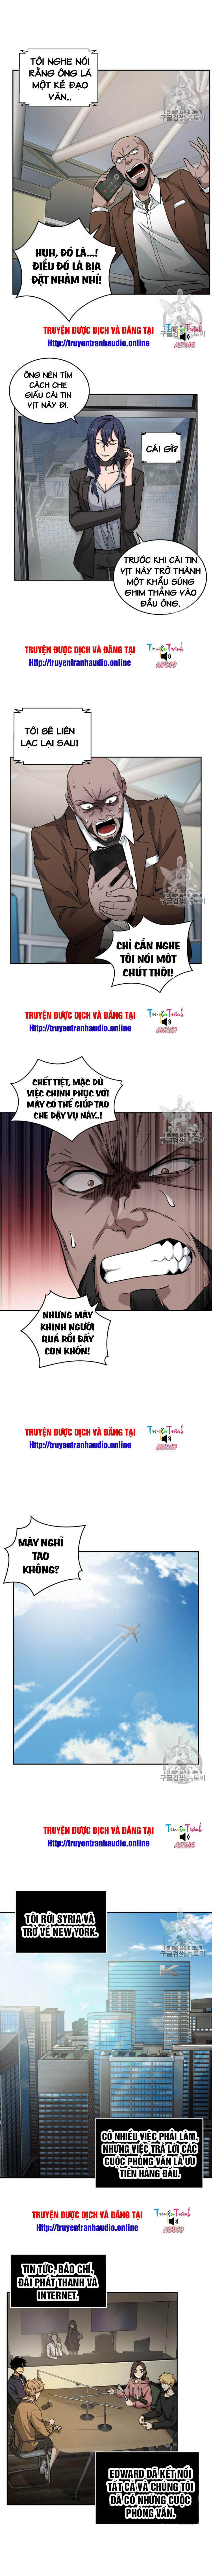 Vua Trộm mộ chap 99 - Trang 3